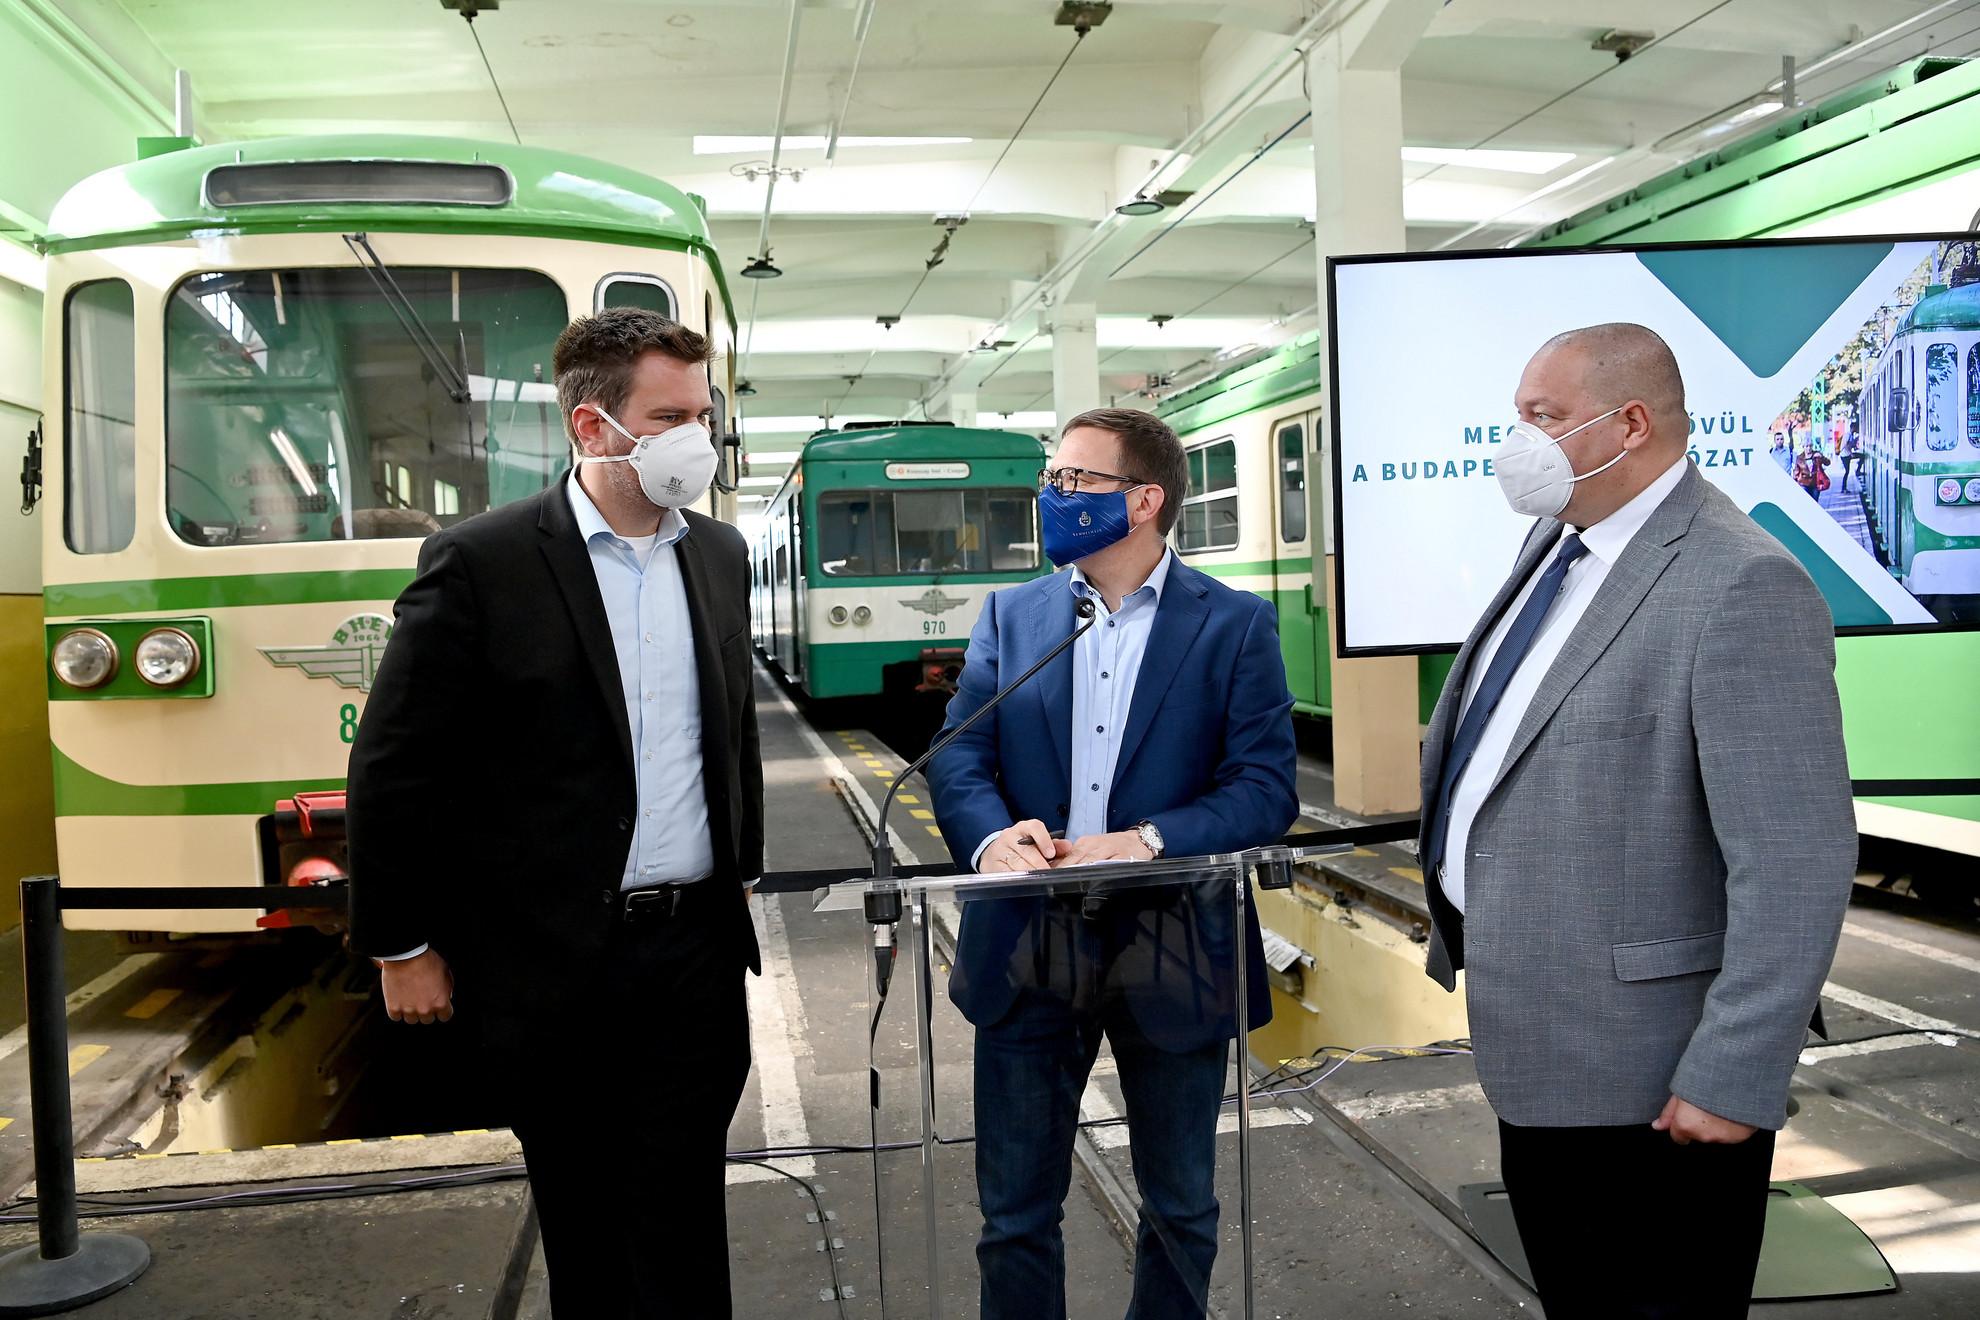 Vitézy Dávid, a BFK Budapest Fejlesztési Központ vezérigazgatója, Fürjes Balázs és Németh Szilárd, a térség fideszes országgyűlési képviselője, a Honvédelmi Minisztérium parlamenti államtitkára (b-j) a csepeli HÉV-kocsiszínben